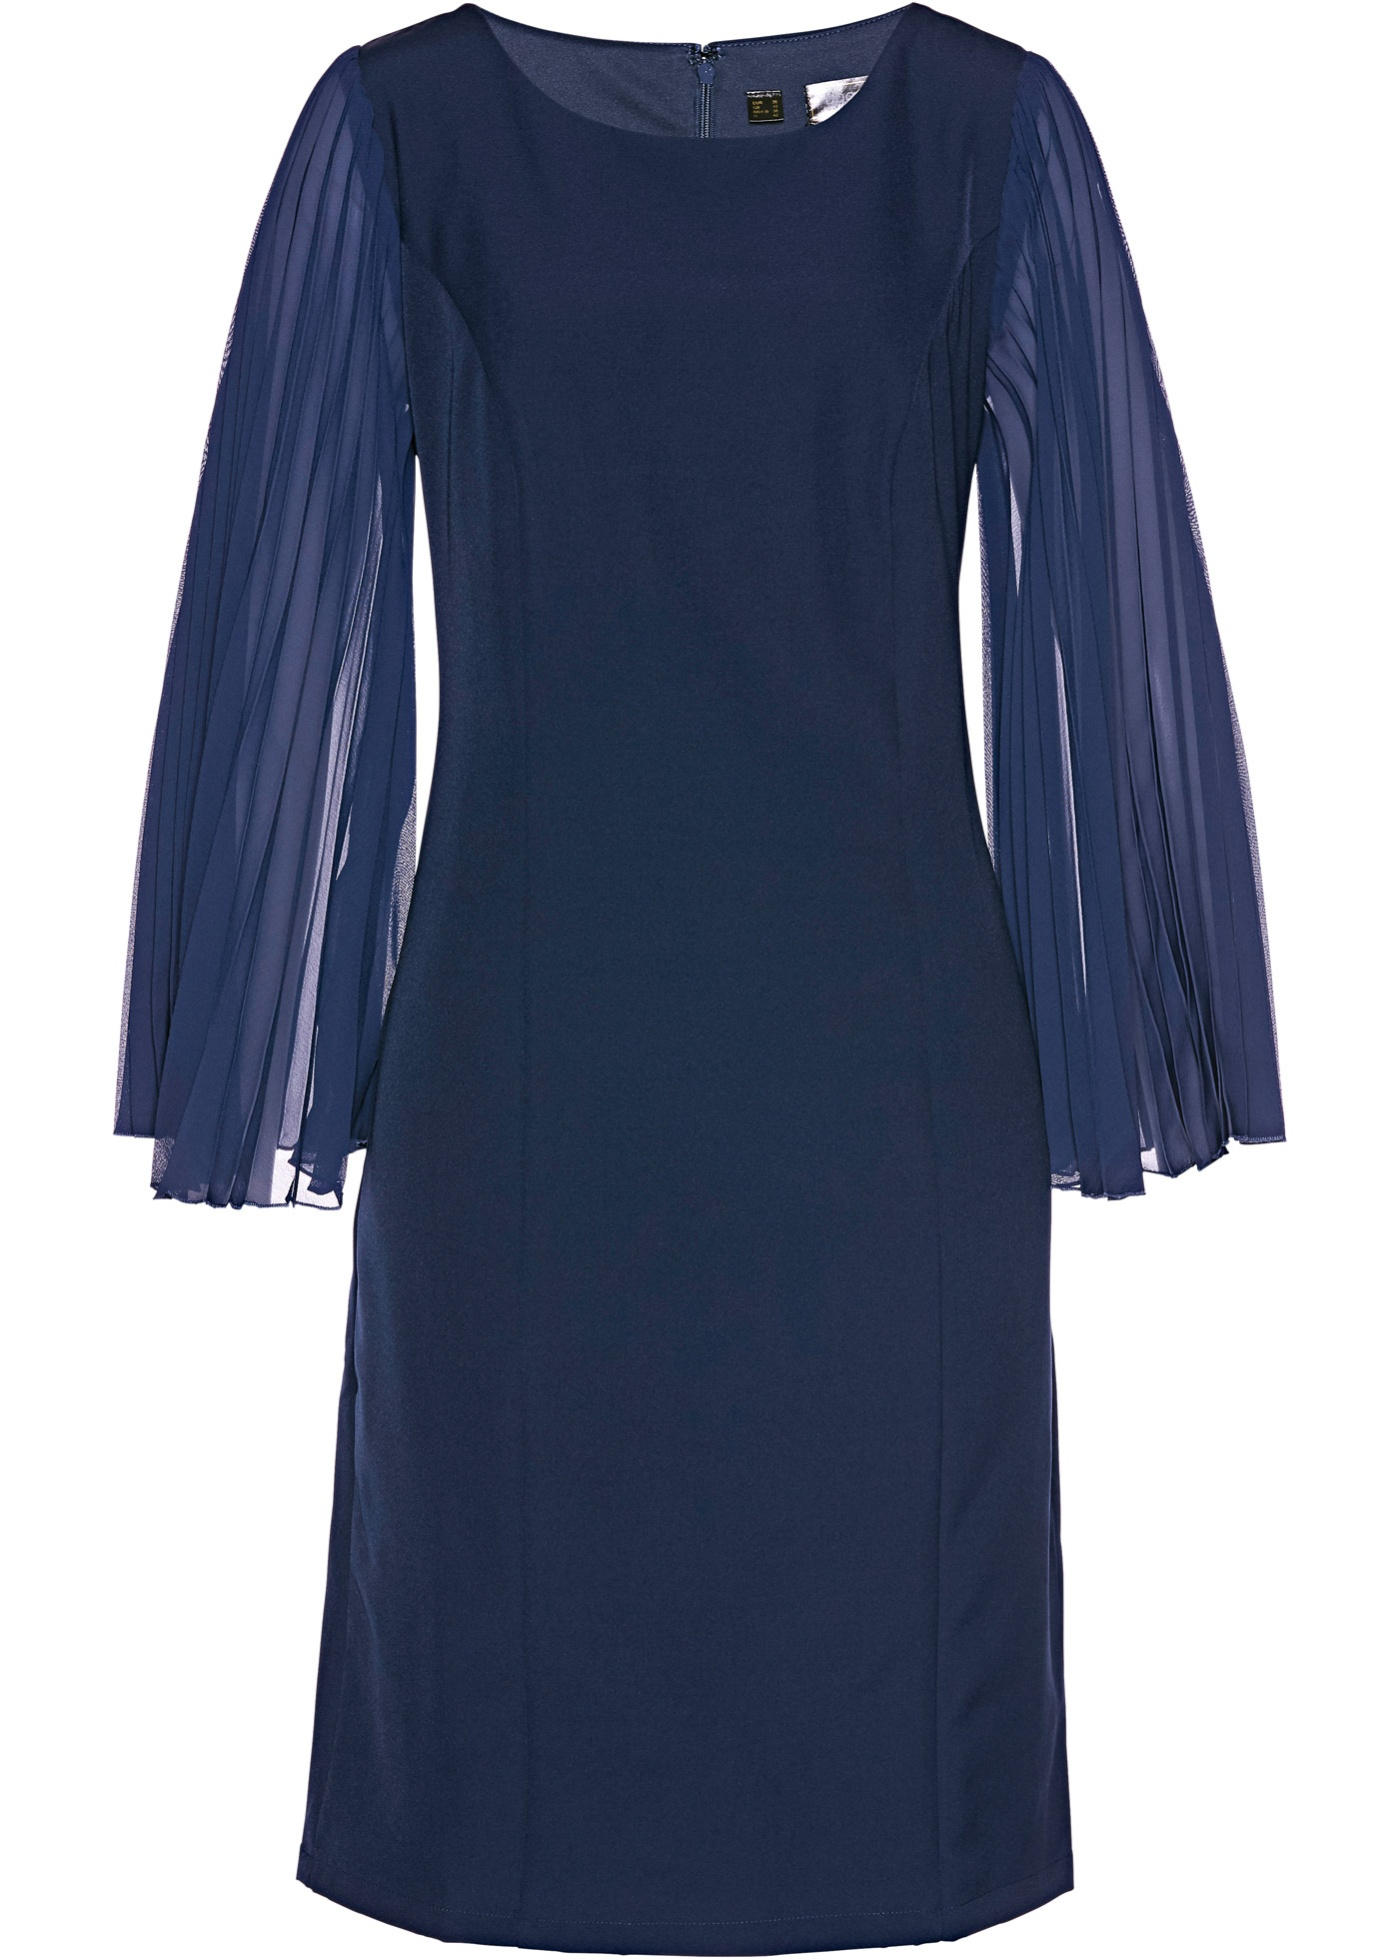 Kleid mit Plissee-Ärmeln  Kleider, Anziehsachen, Kleid mit ärmel